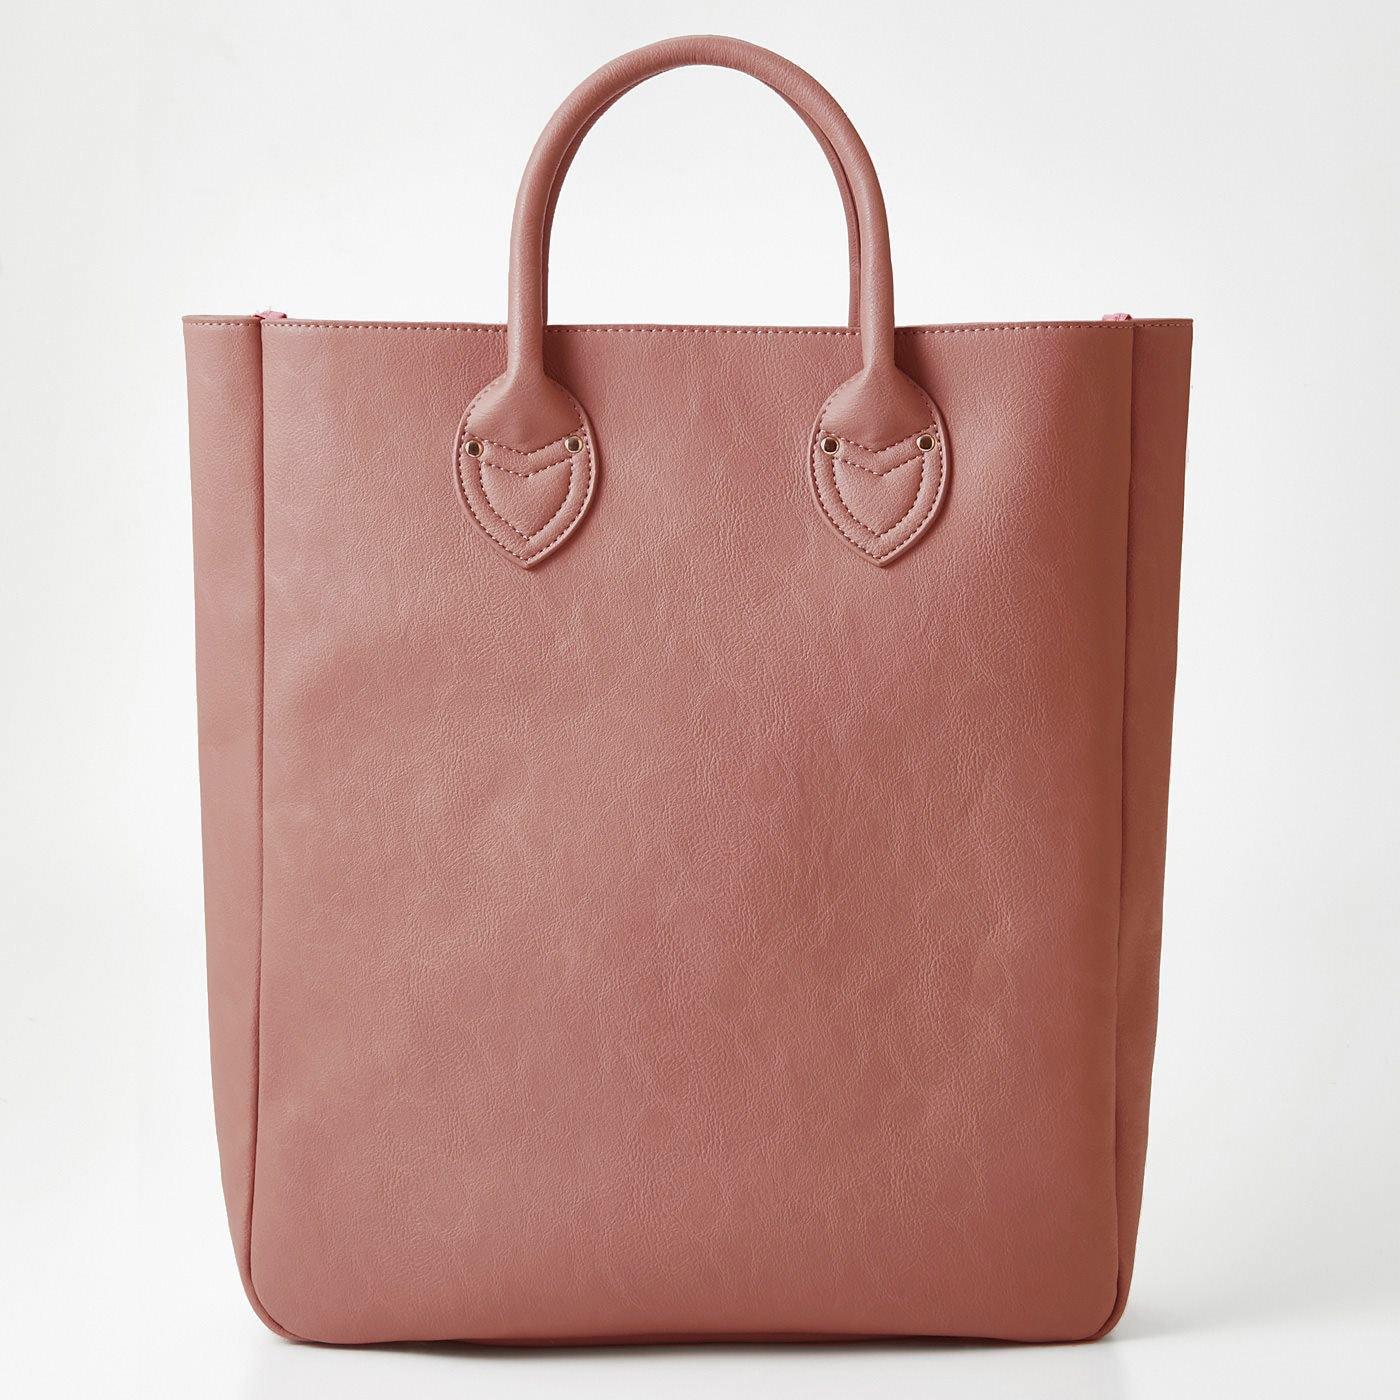 OSYAIRO カラーを楽しむ 大きな内ポケット付きビッグトートバッグ〈ピンク〉